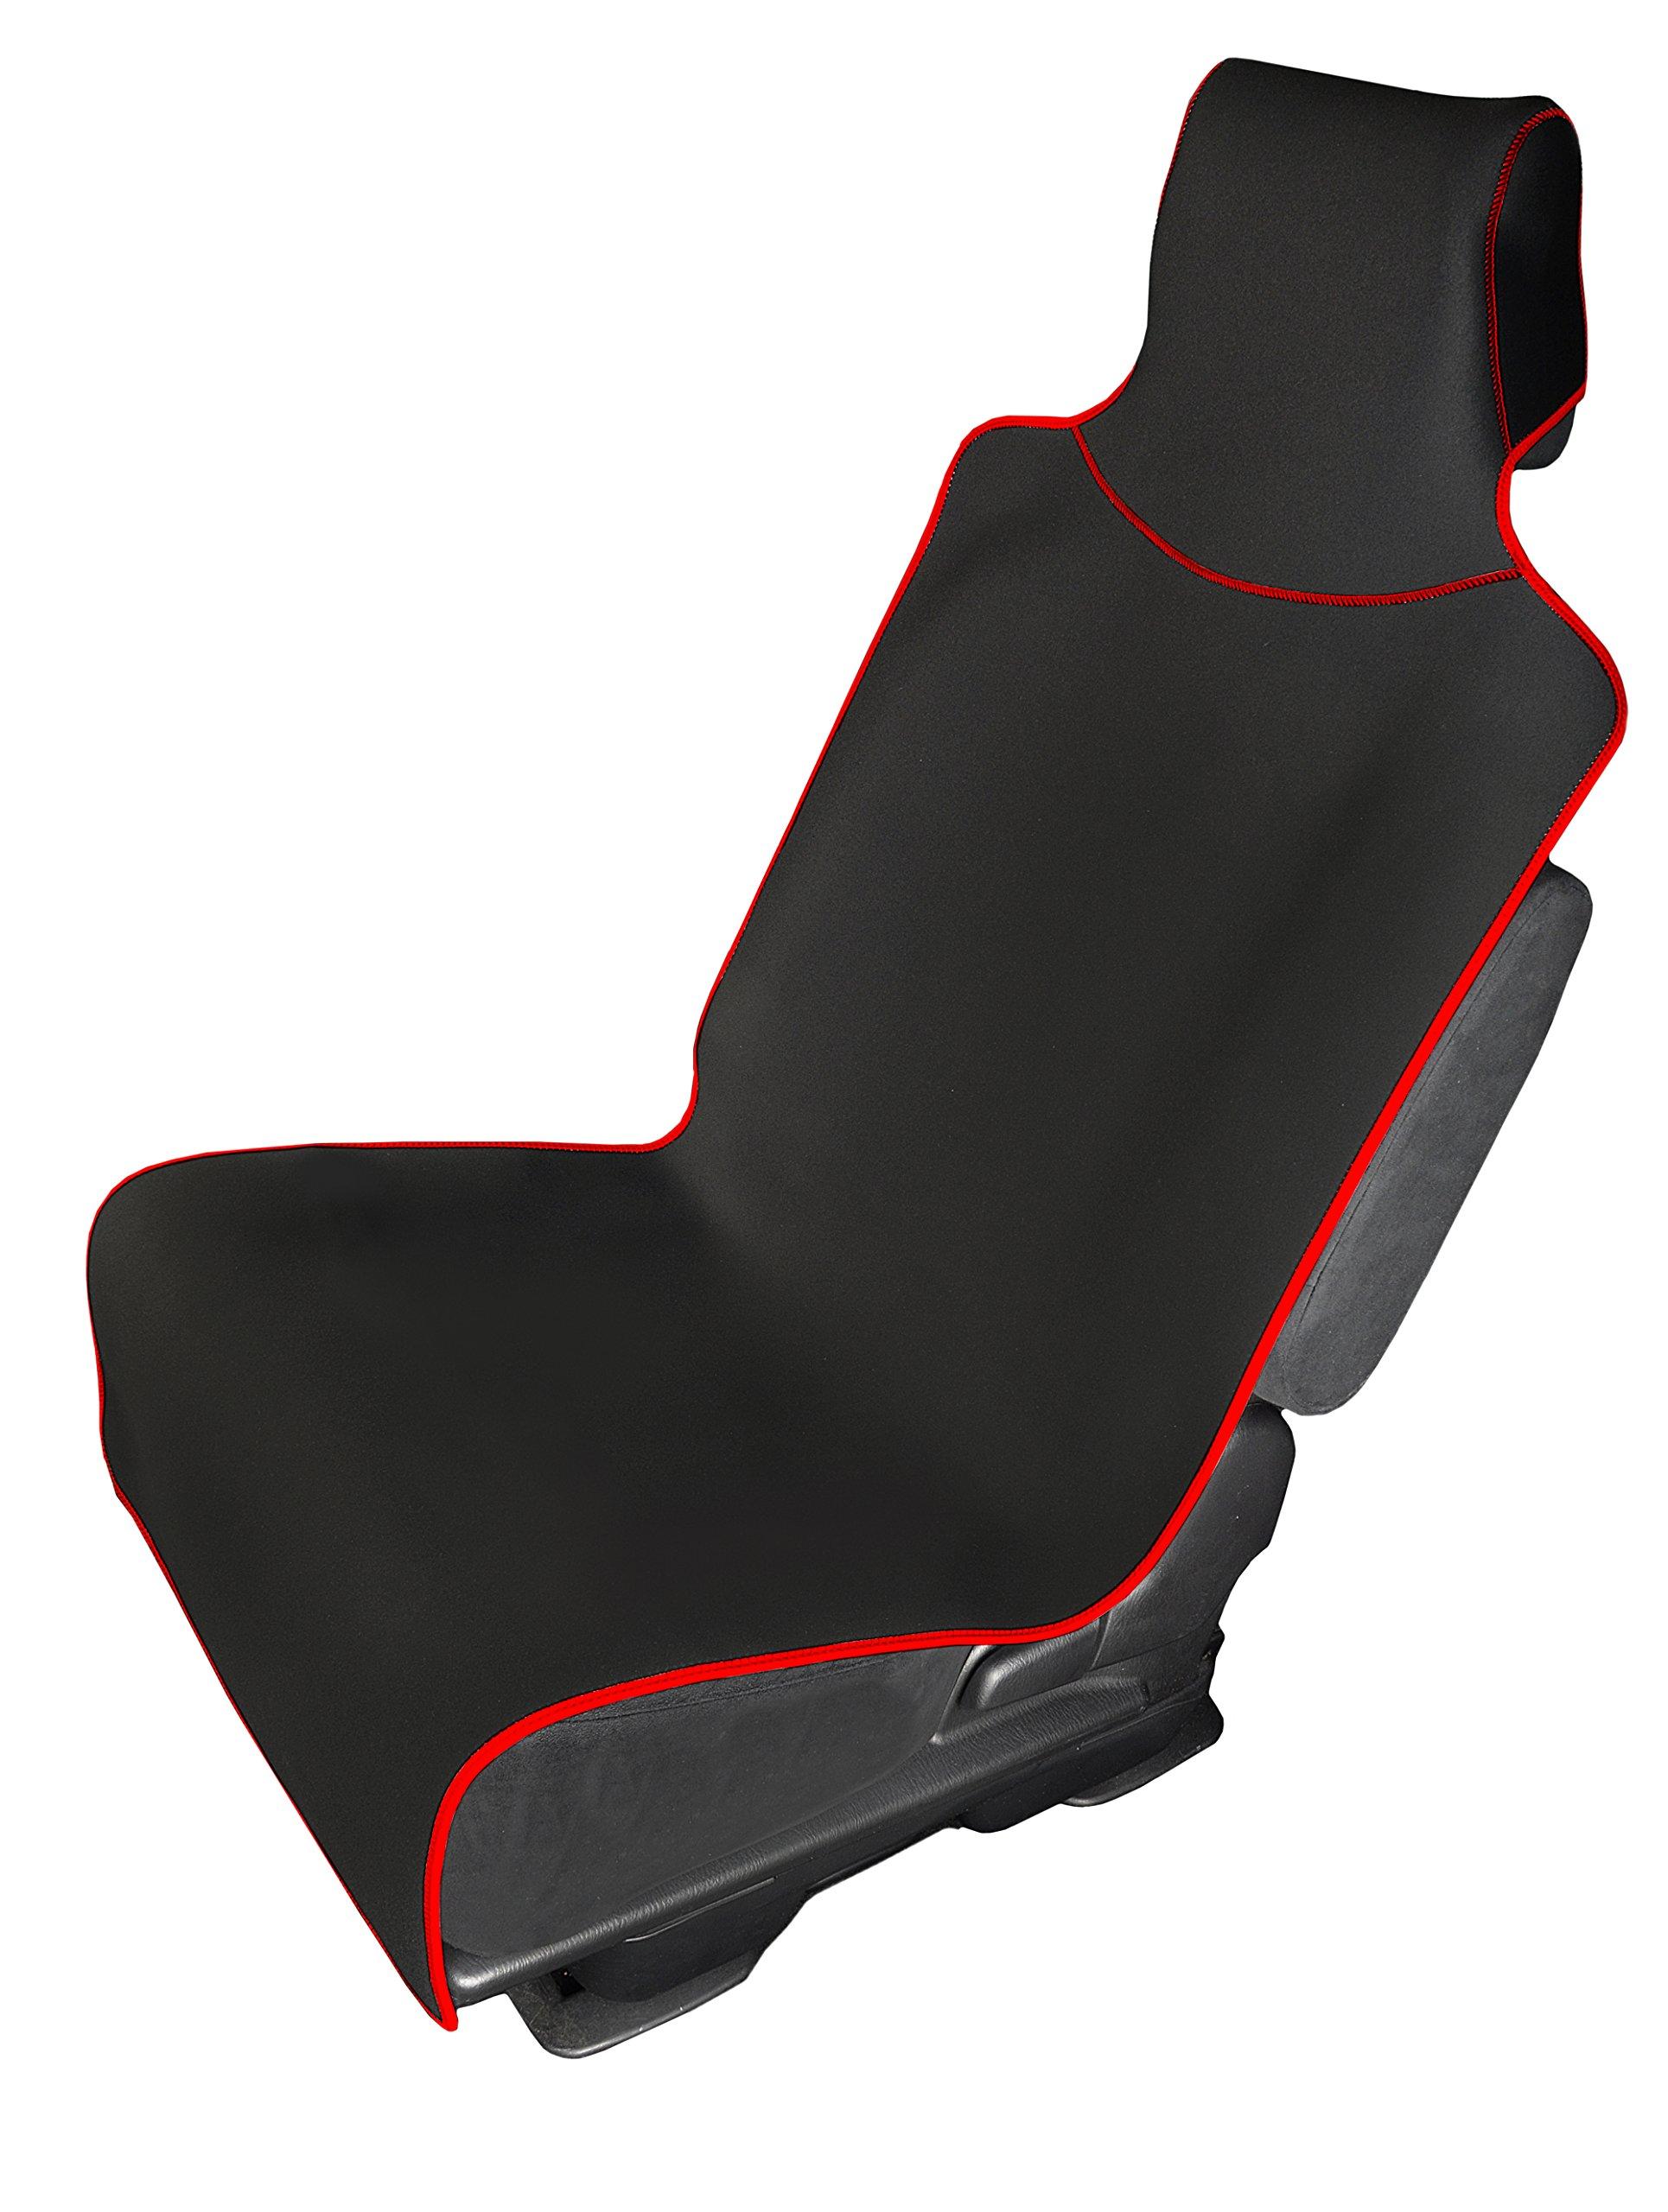 SkyRox Car Seat Protector Neoprene Waterproof Seat Cover Universal Fit by SkyRox